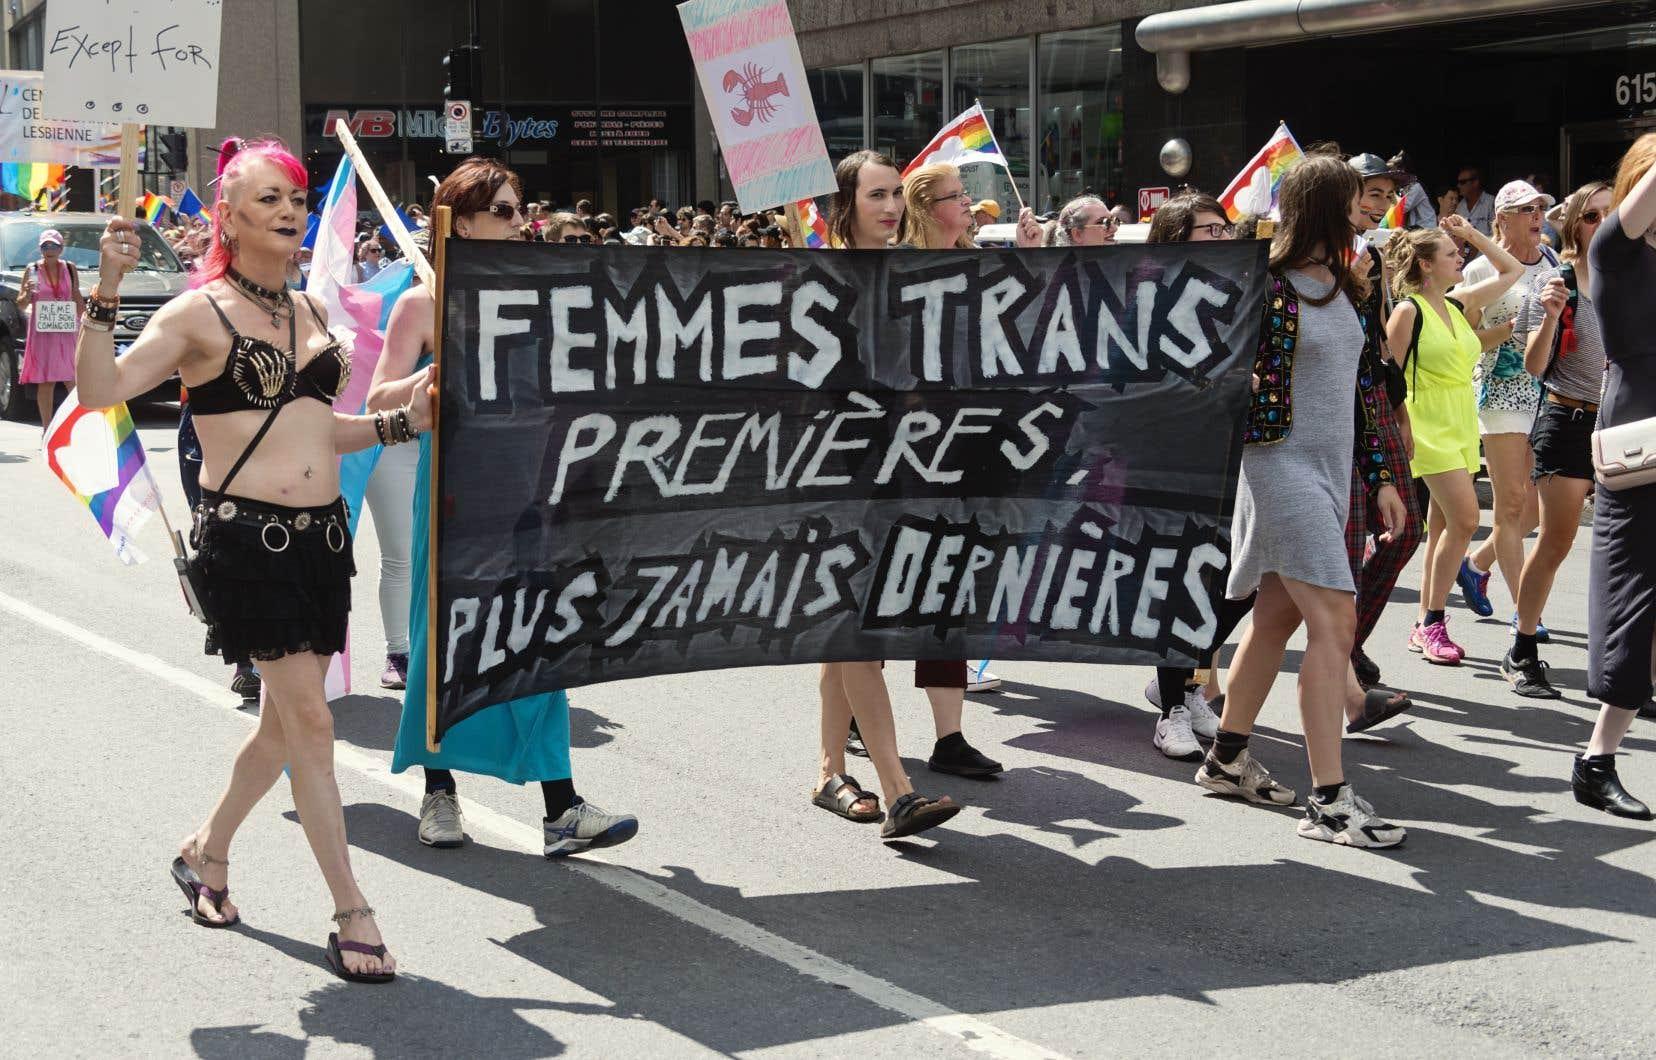 «Les femmes trans défendent les droits des femmes, qu'elles aient eu recours aux opérations (...) ou non», affirme l'auteur.